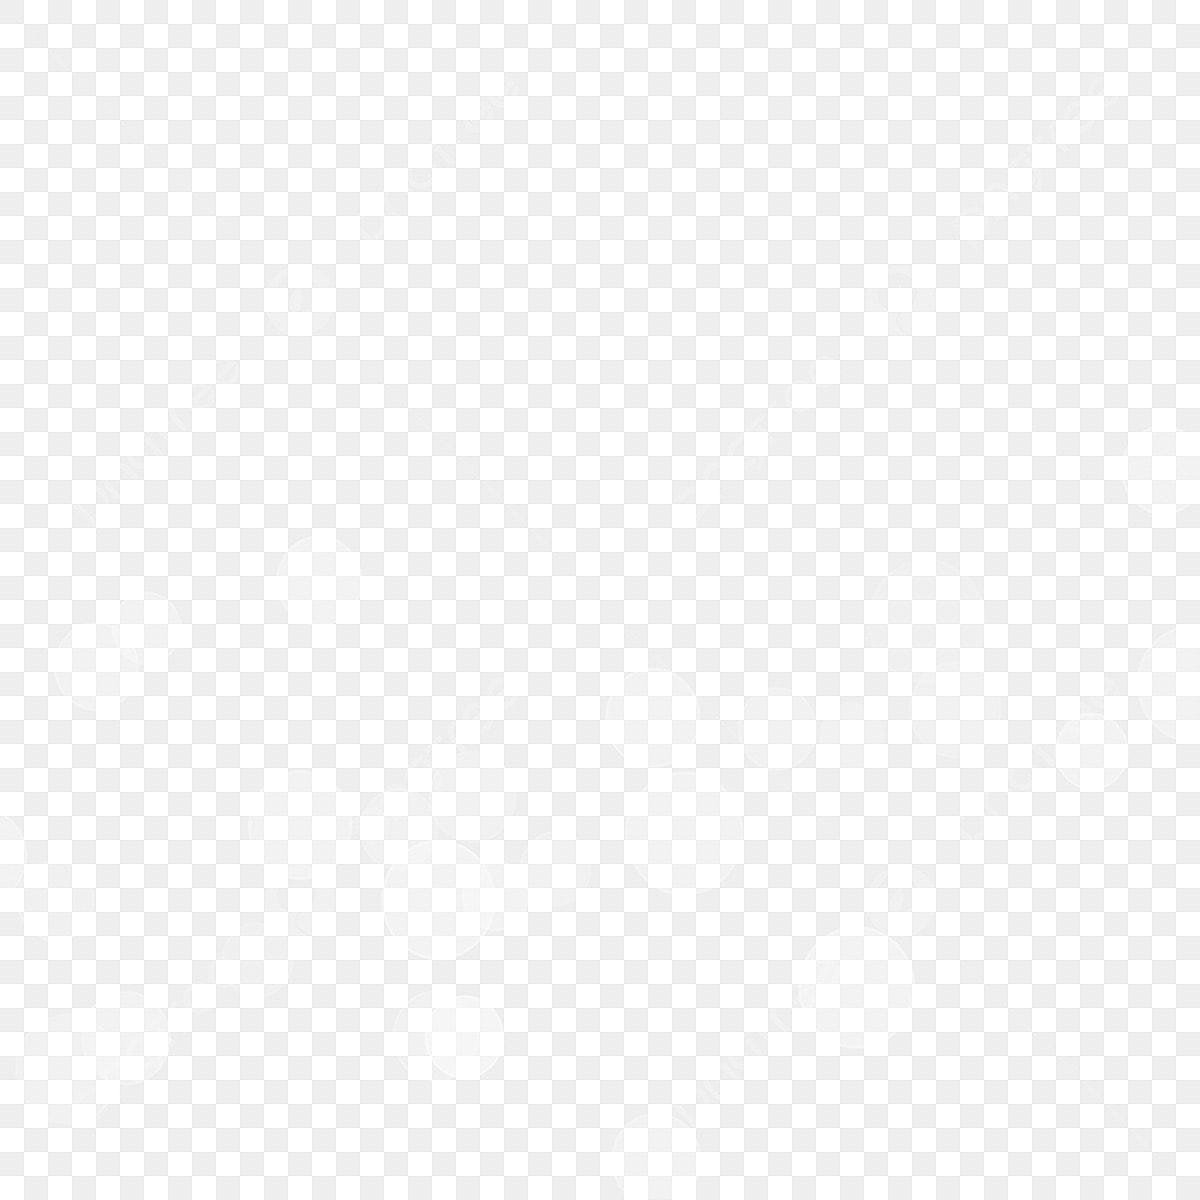 خلفية بيضاء Png المتجهات Psd قصاصة فنية تحميل مجاني Pngtree